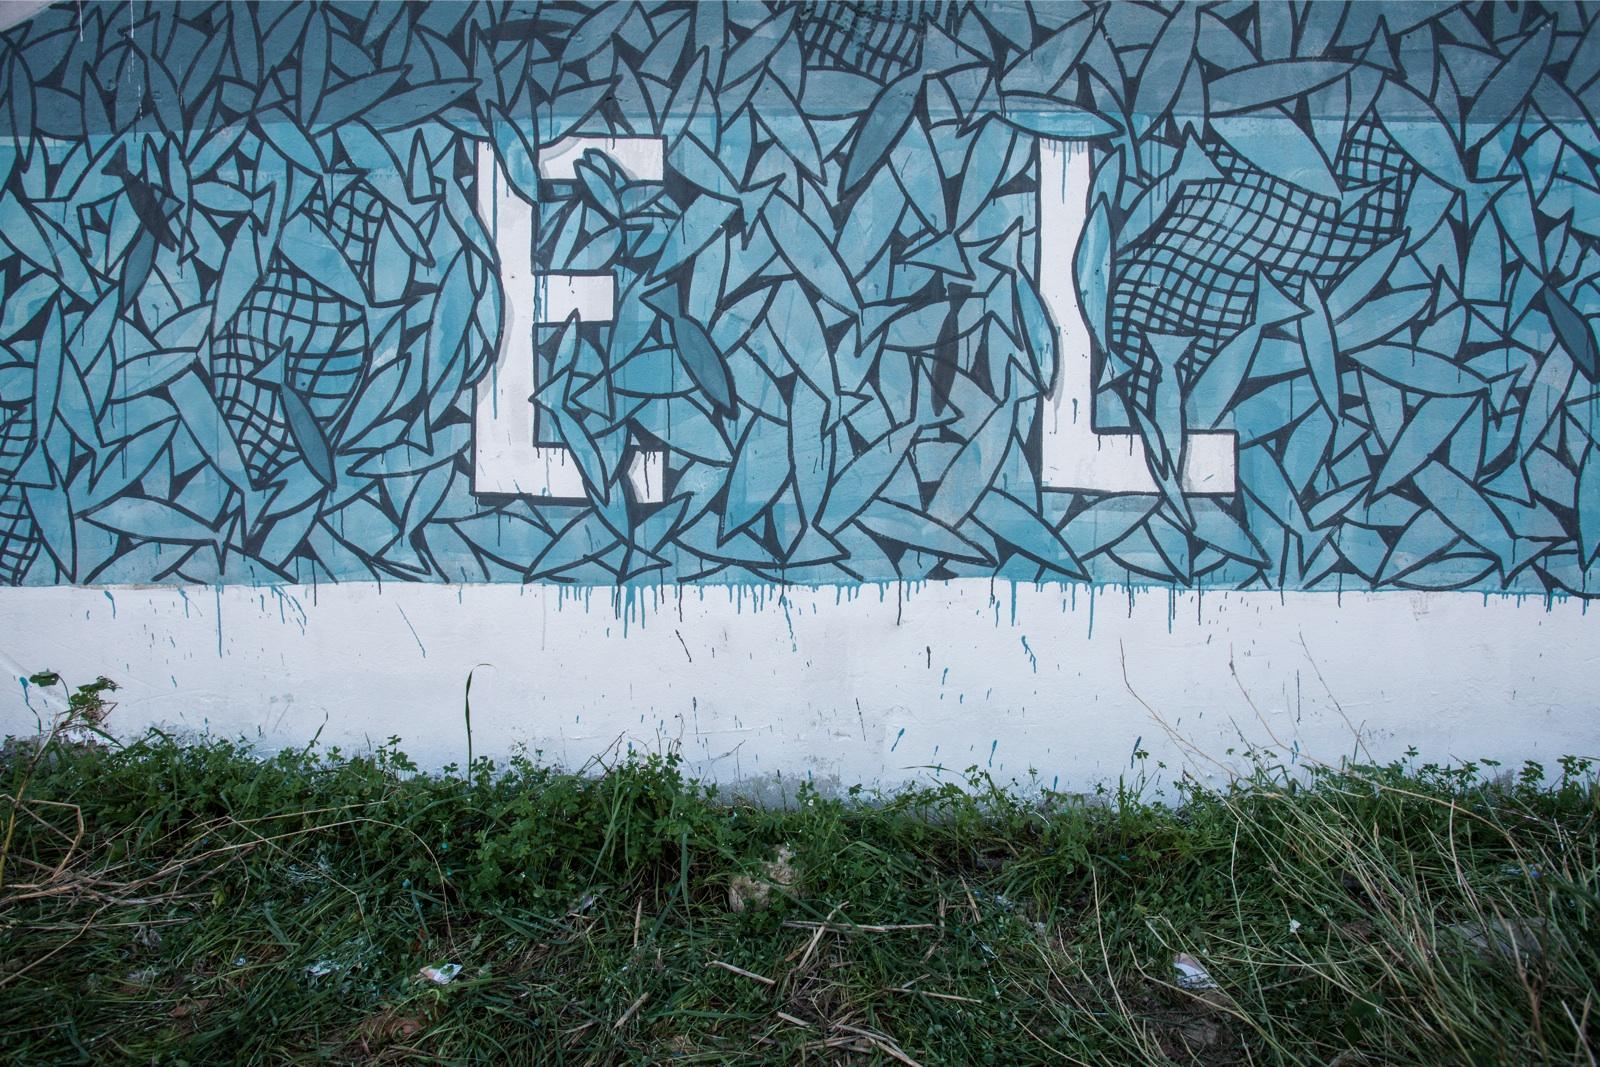 crisa-ciredz-tellas-new-mural-cagliari-13